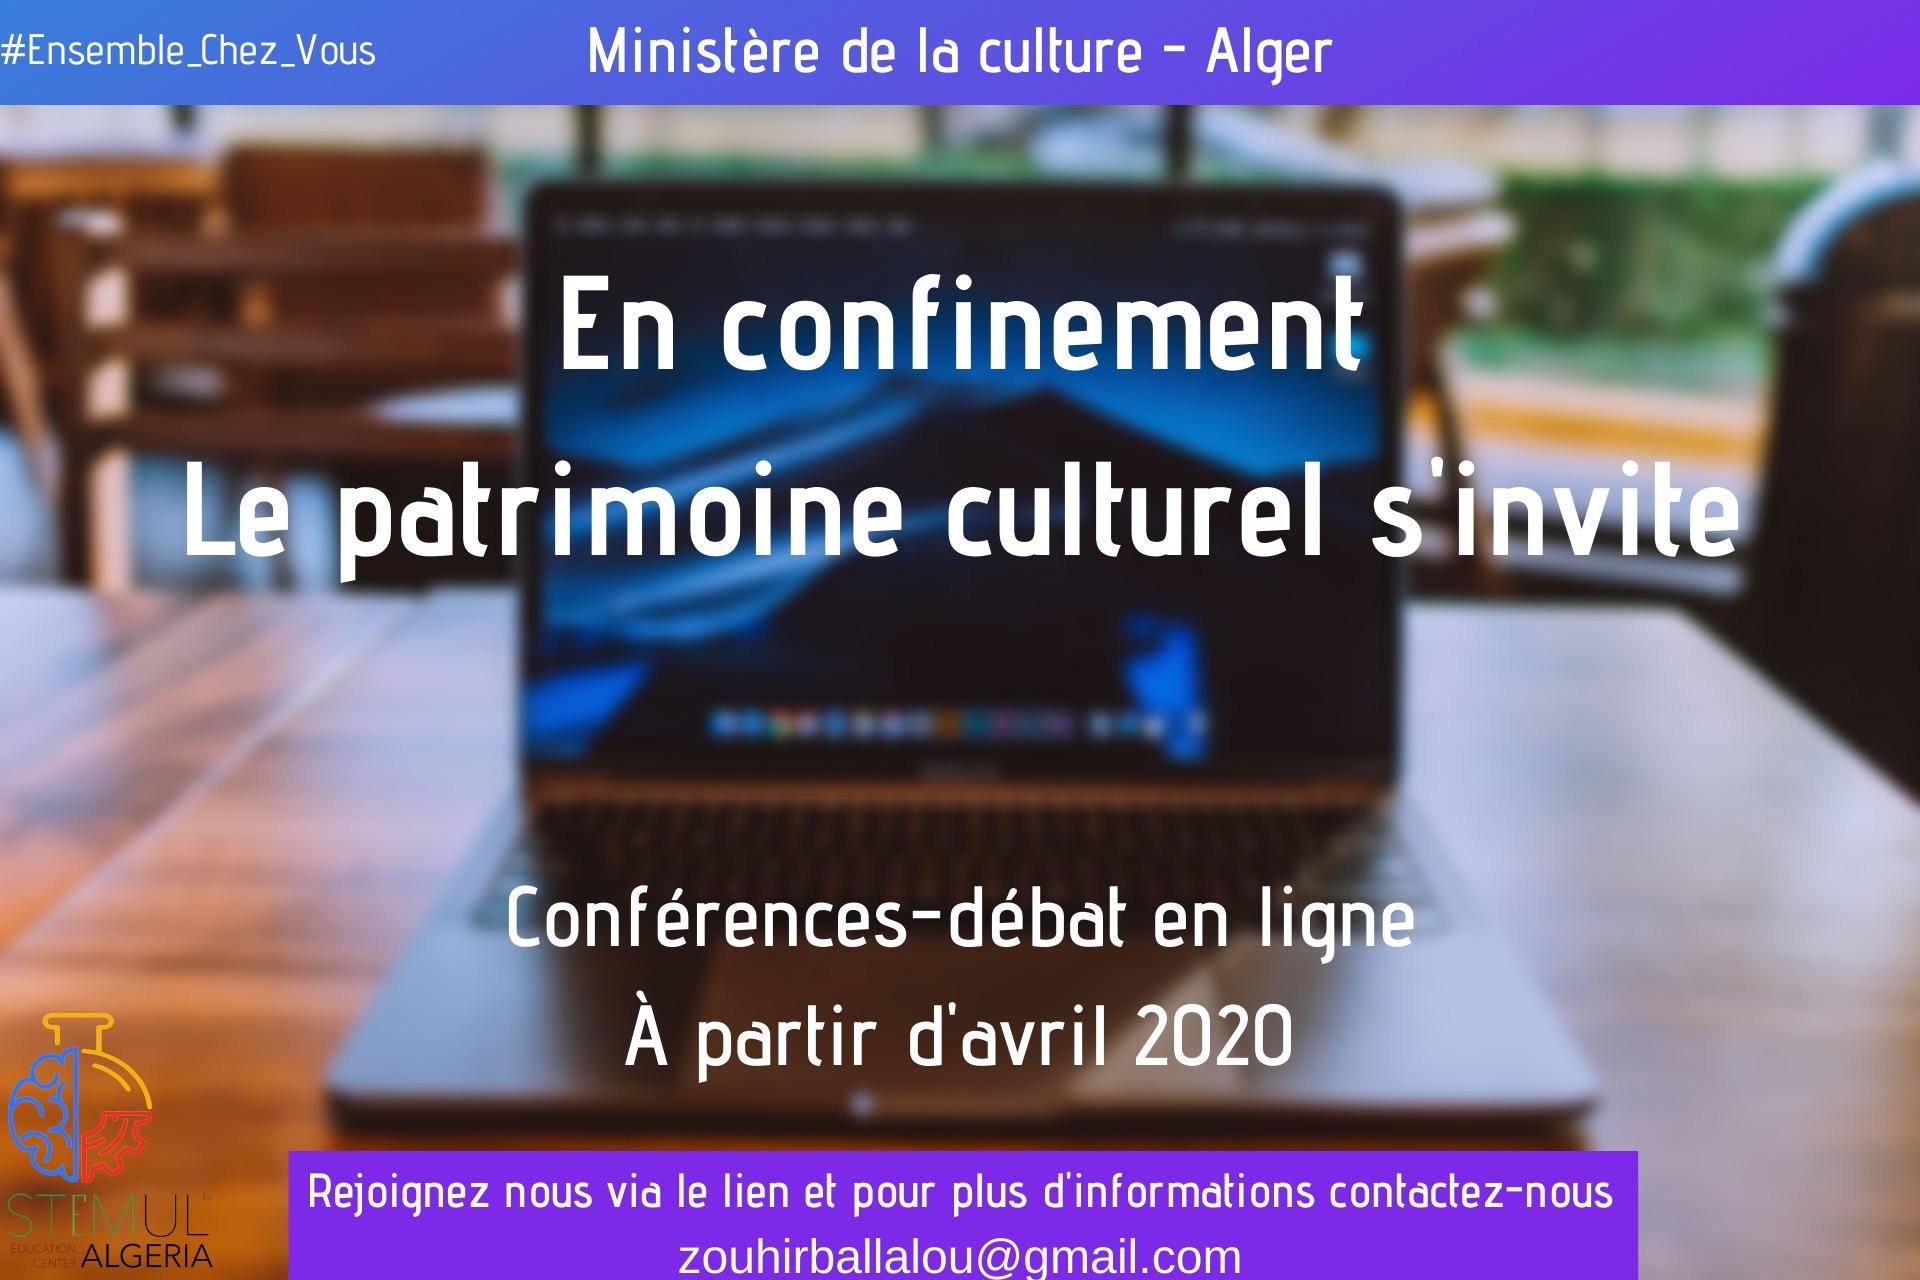 Conférences-débats en ligne sur le patrimoine culturel Algérien